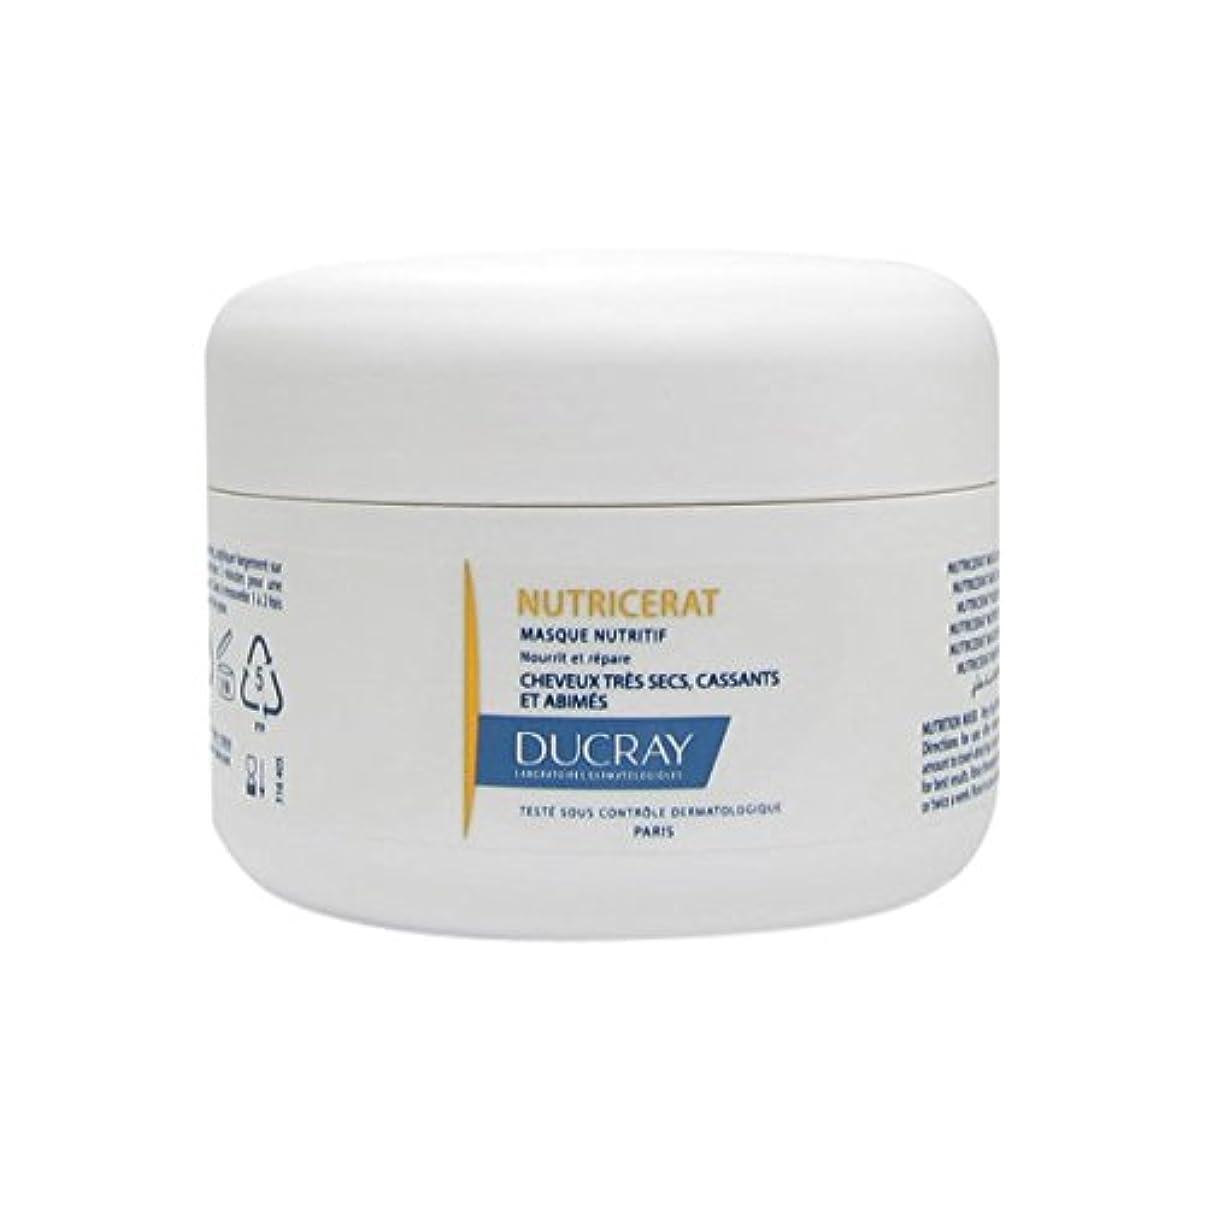 Ducray Nutricerat Nutrition Mask 150ml [並行輸入品]